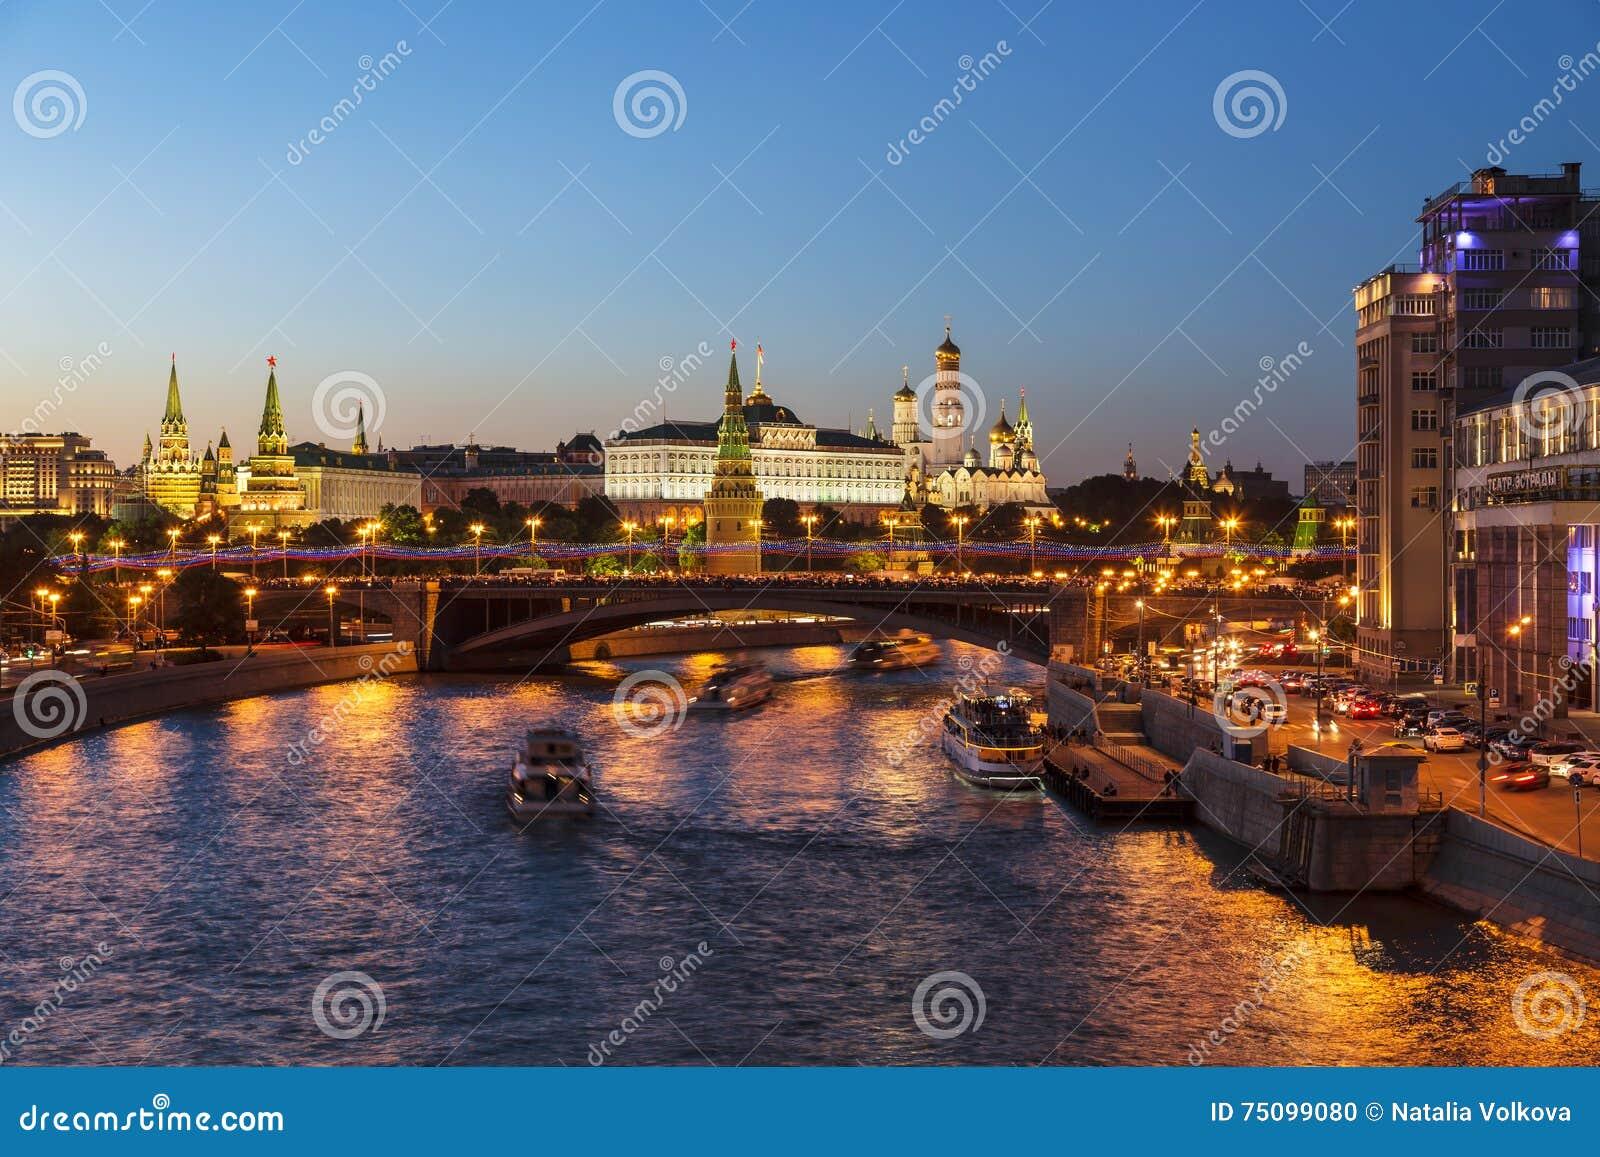 Nachtmeningen van Moskou, de rivier, de brug en het Kremlin